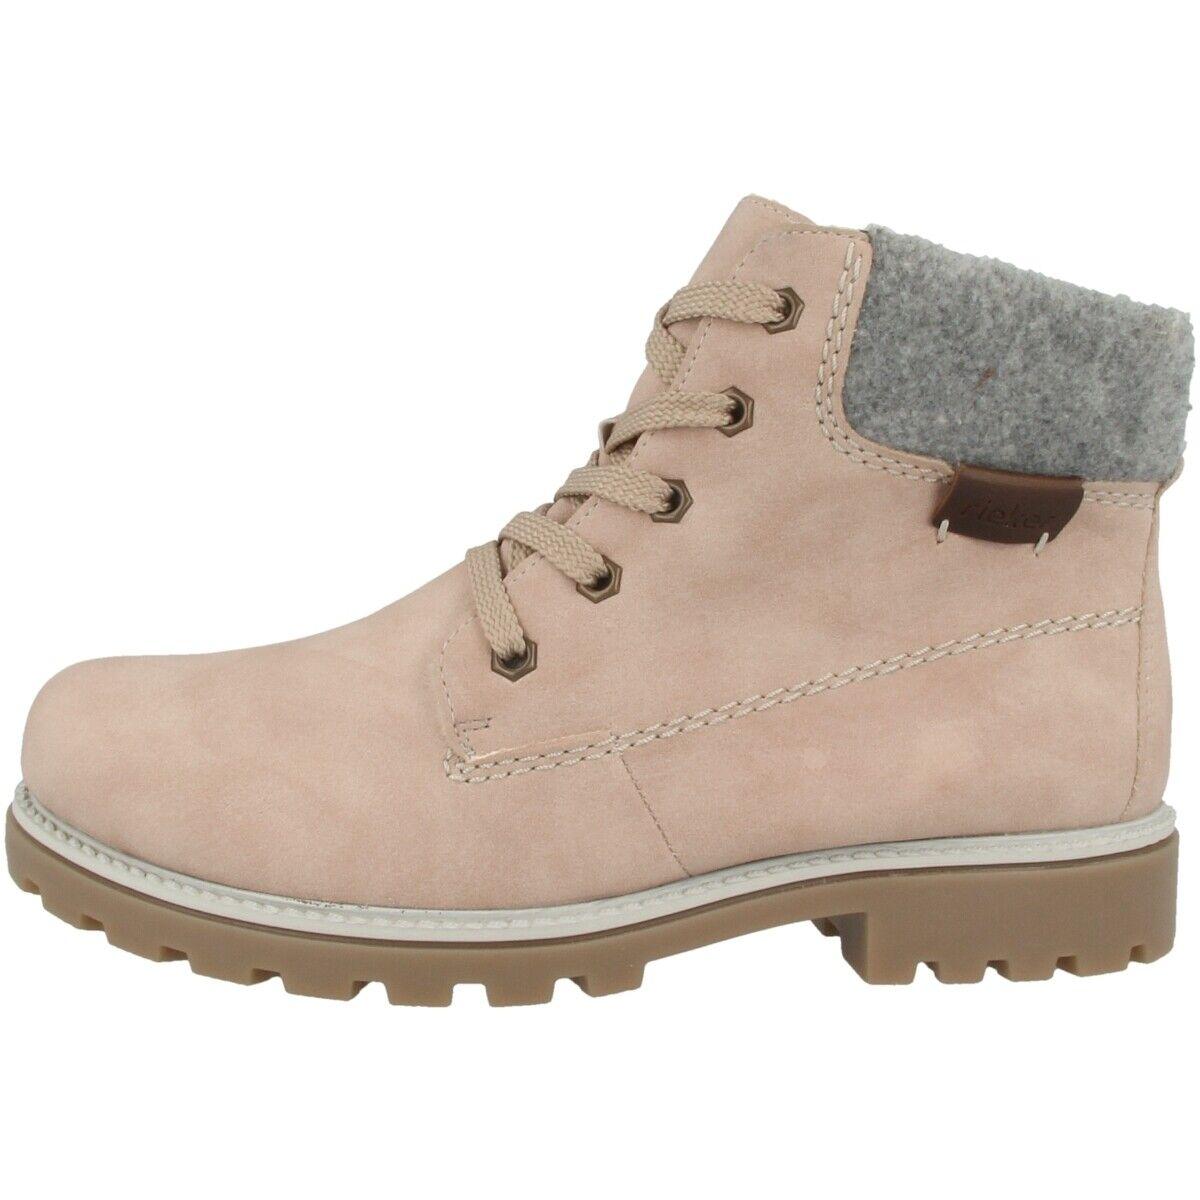 ara Lederschnürer Sneaker Damenschuhe Schuhe stone Kos 37872 Wechselfußbett